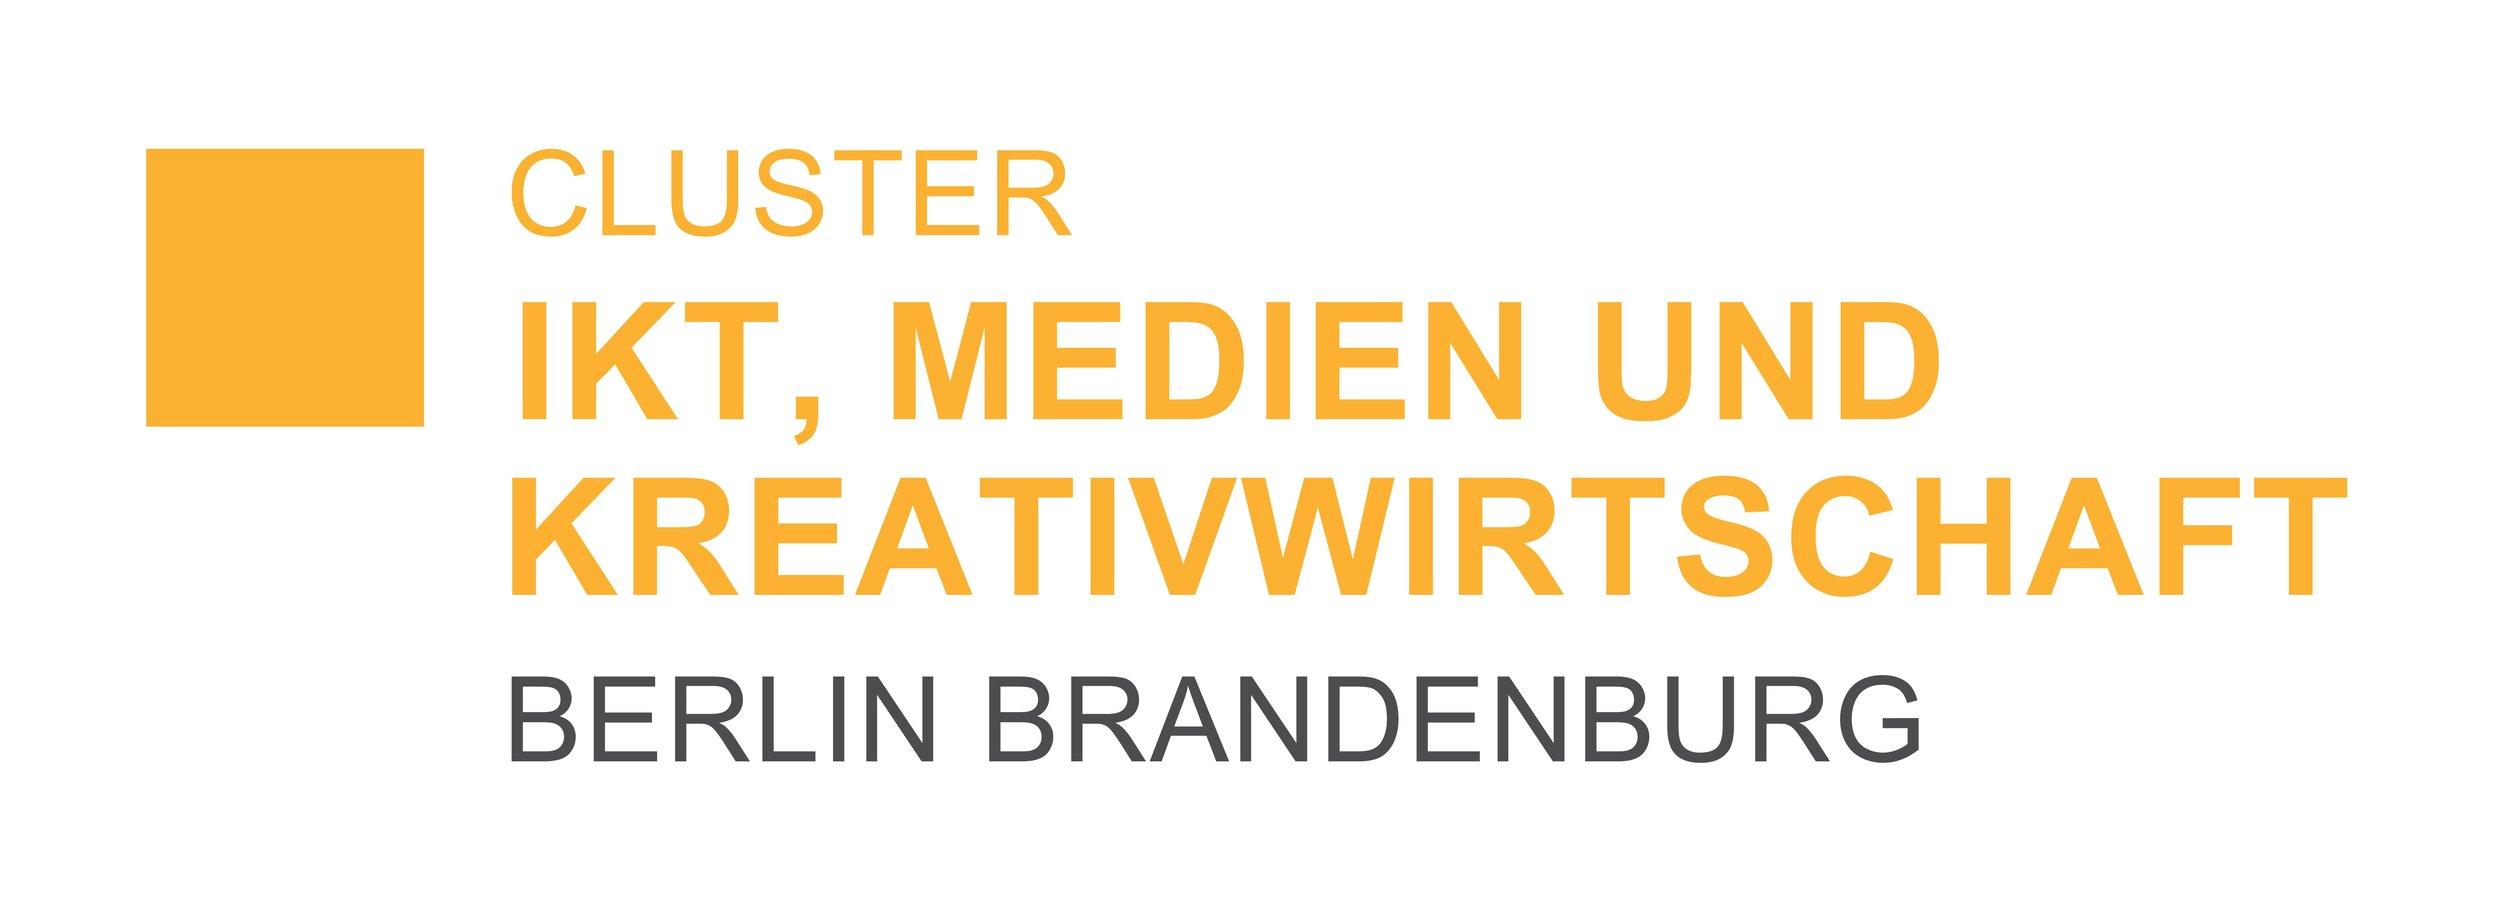 WFBB_Cluster_IKT-Medien-und-Kreativwirtschaft_CMYK.jpg